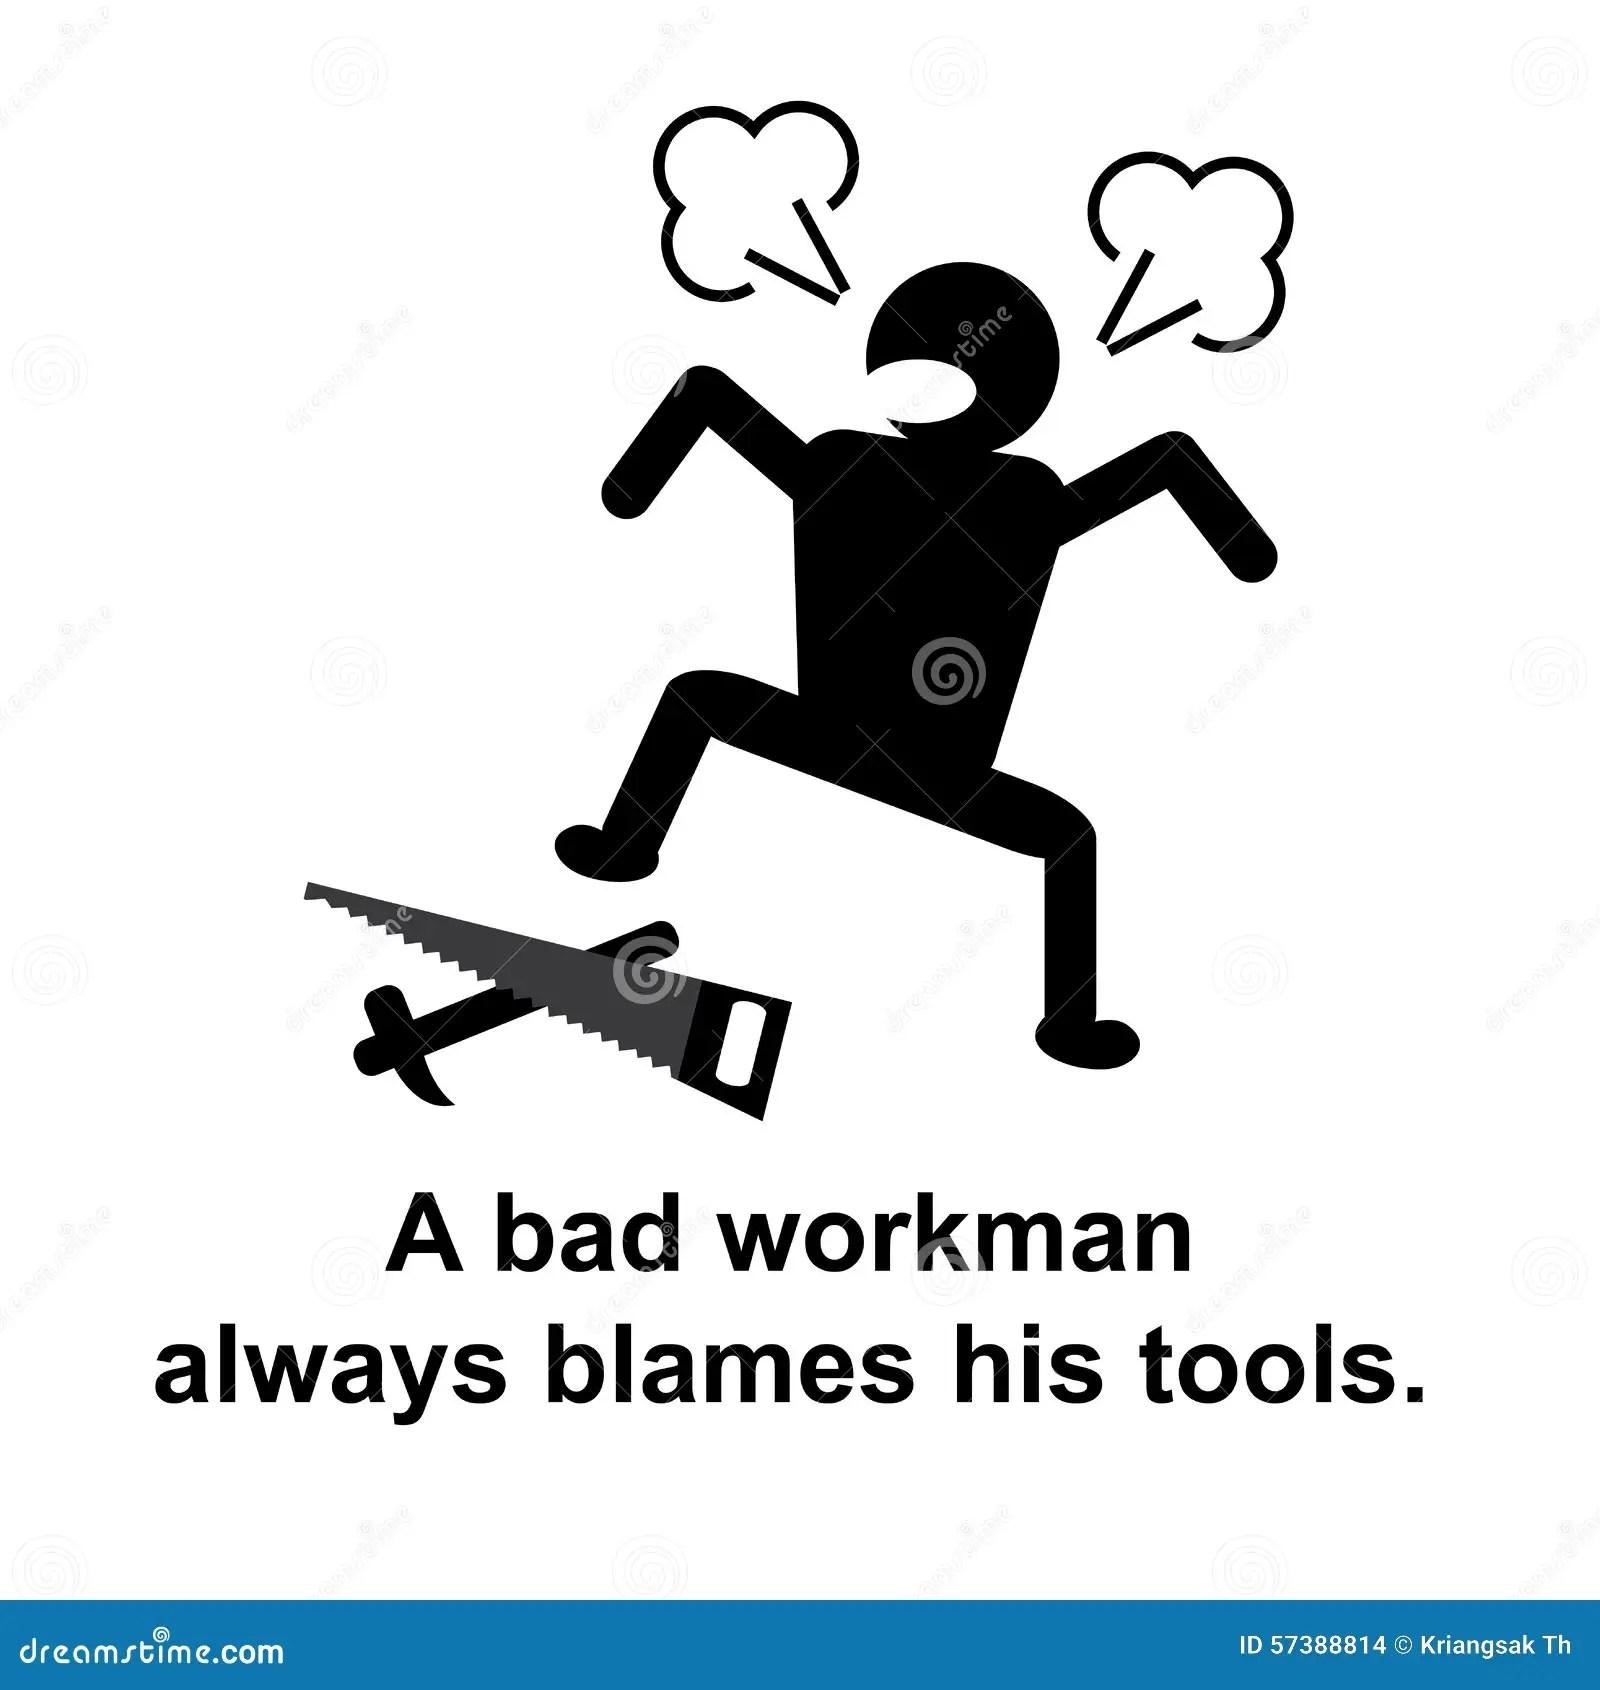 essay on a bad workman quarrels his tools 91 121 113 106 essay on a bad workman quarrels his tools complete essay